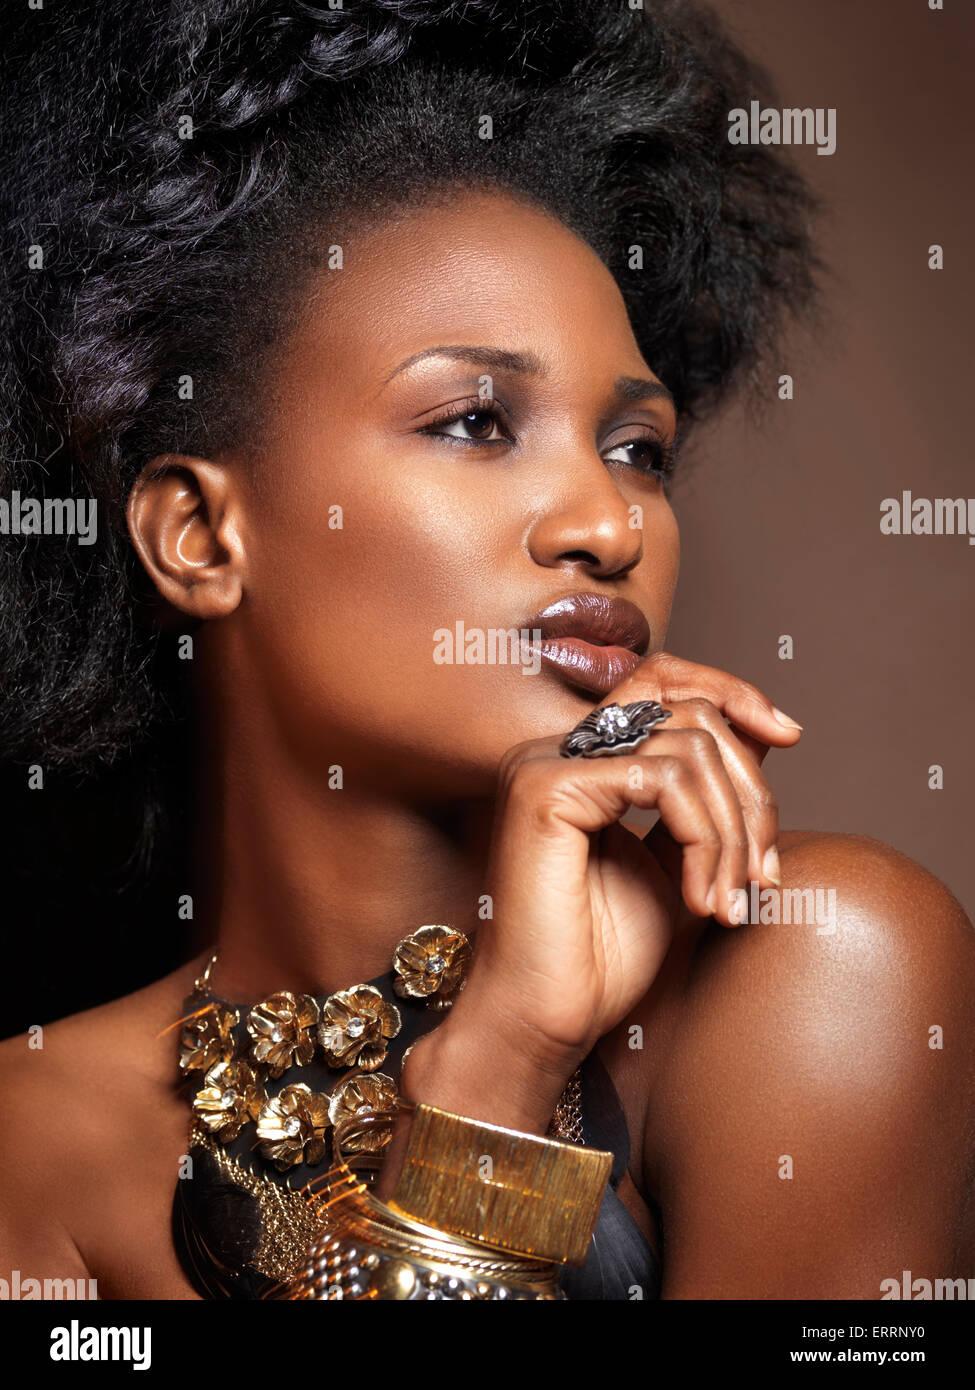 Belle jeune femme africaine avec de grands cheveux de porter des bijoux, beauté artistique portrait sur fond Photo Stock